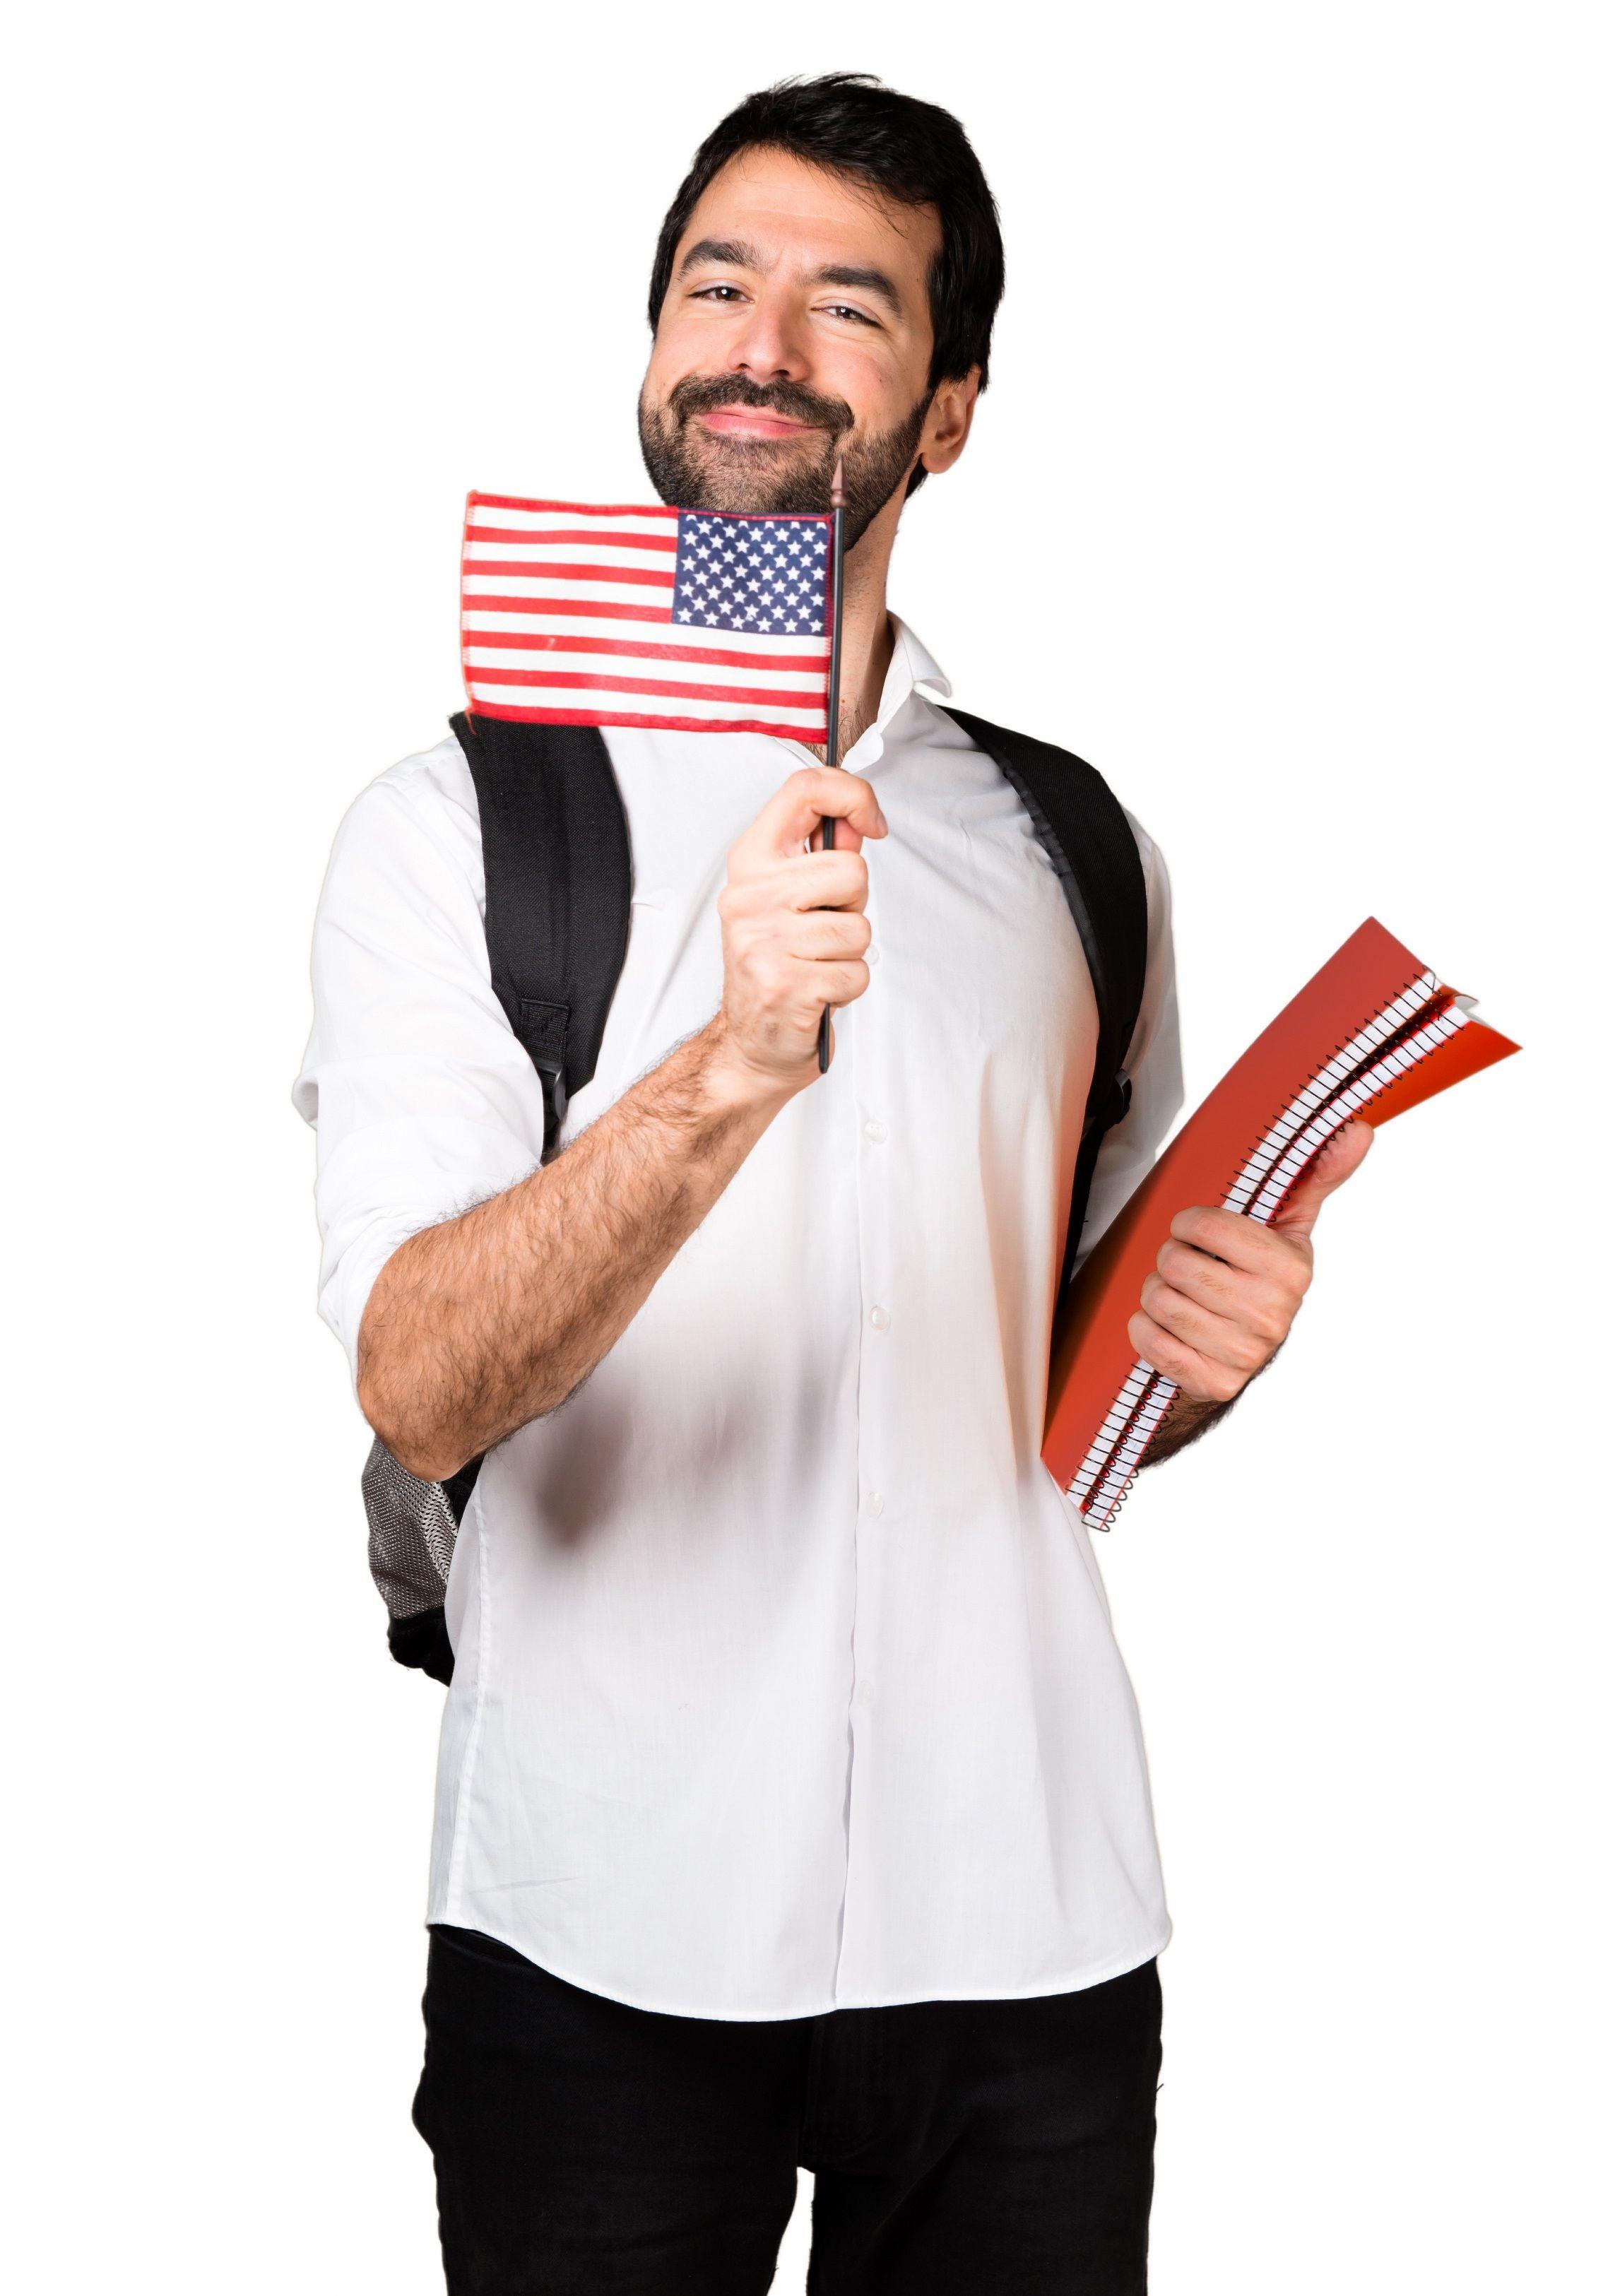 homem com cadernos e bandeira dos EUA nas mãos